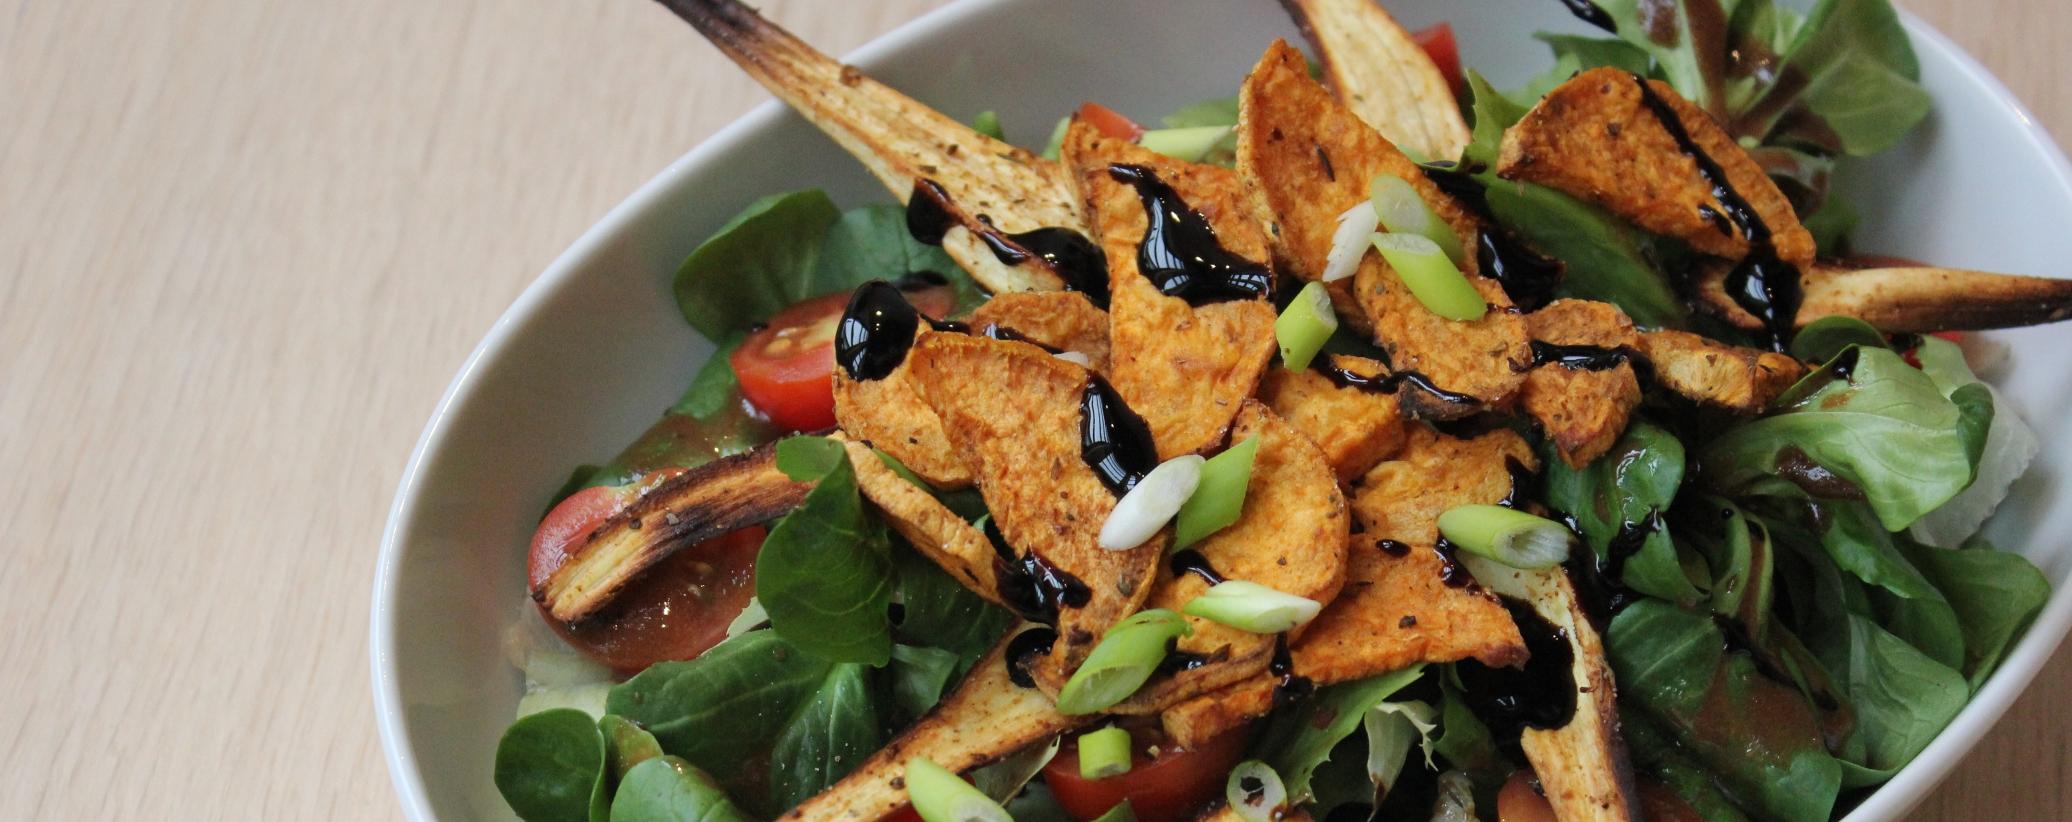 salat mit s kartoffel und pastinaken chips vegan taste week. Black Bedroom Furniture Sets. Home Design Ideas